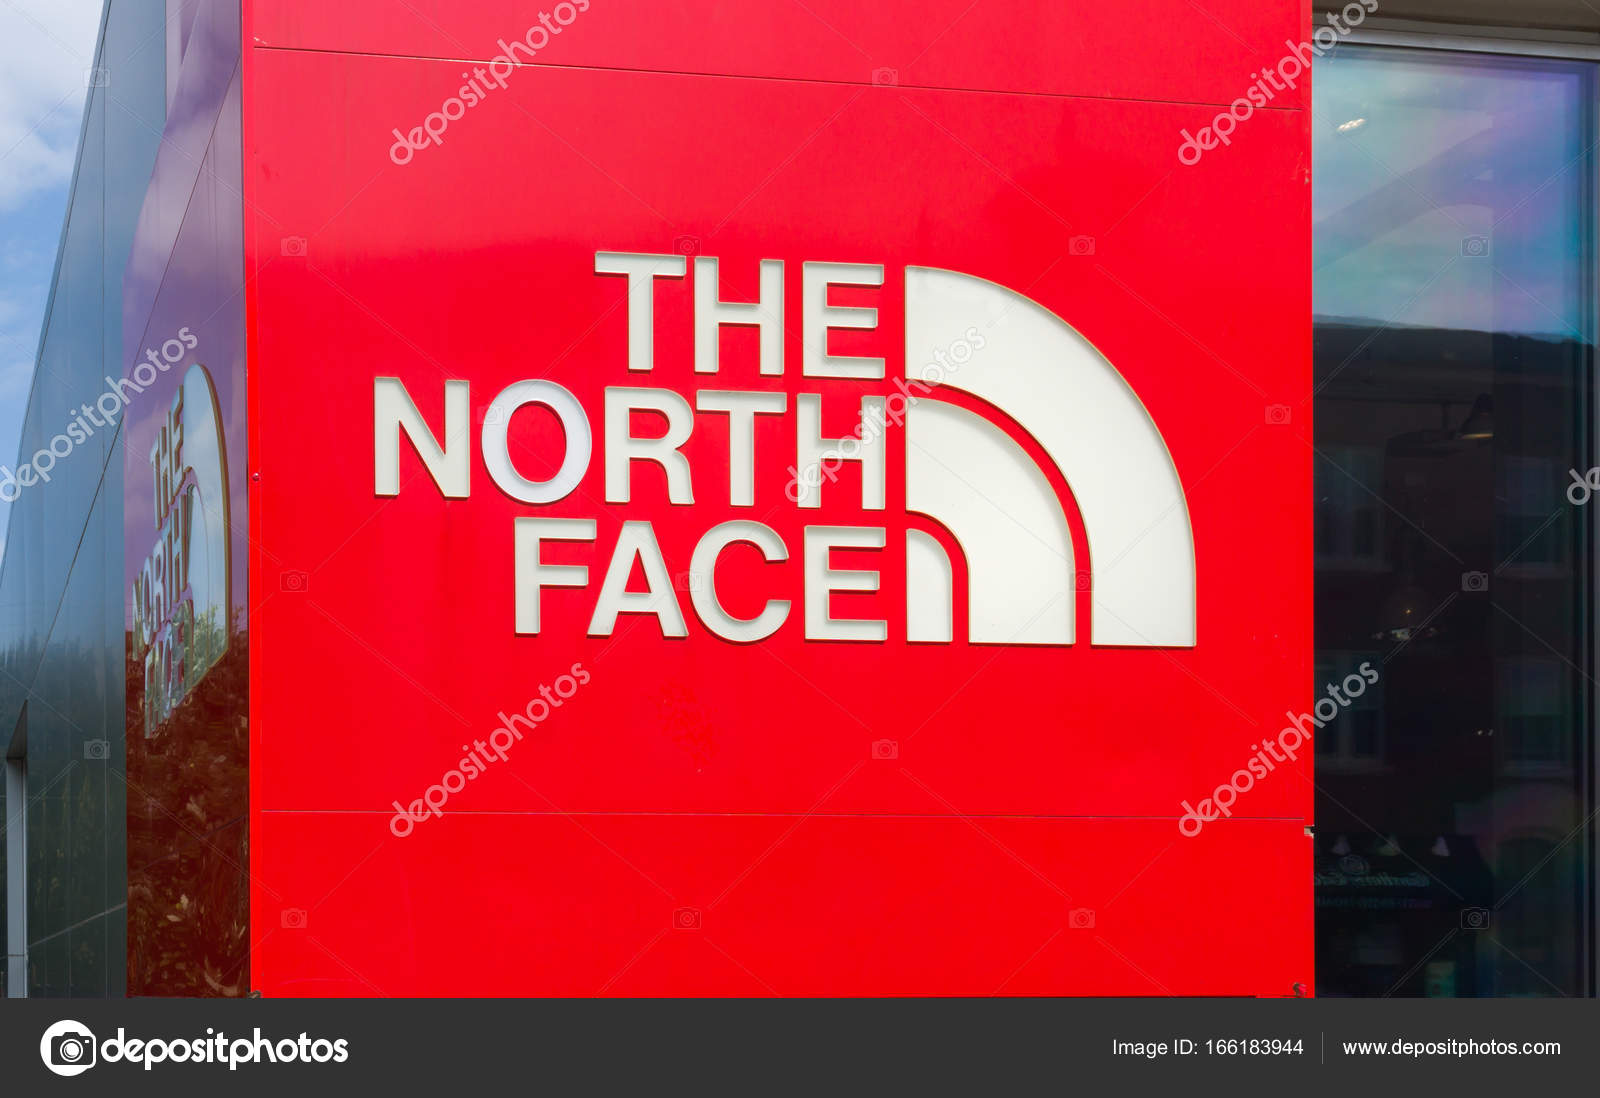 23794e9cbc St Paul, Mn-Usa - 10 septembre 2017 : Extérieur de magasin au détail The  North Face et le logo. The North Face, Inc. est une société américaine  produit pour ...